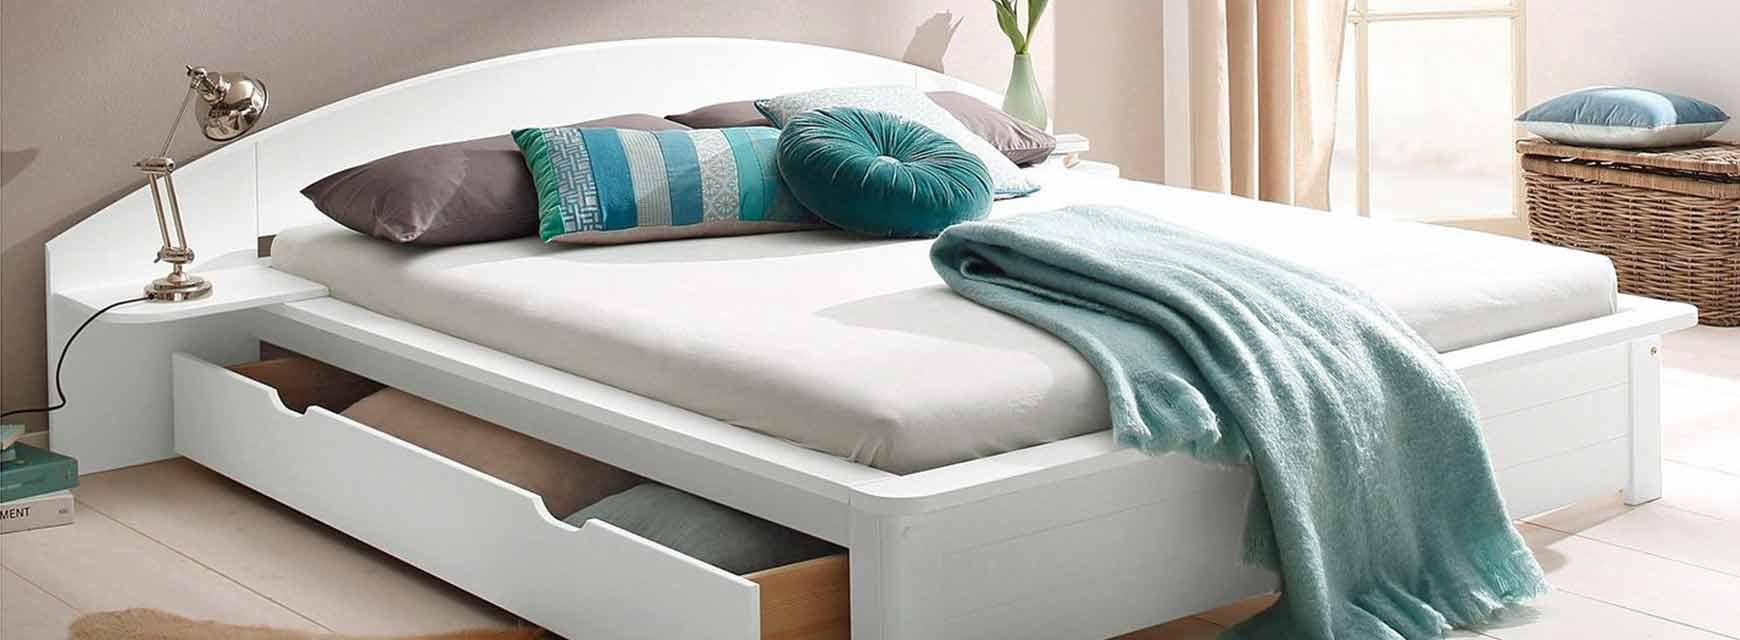 Full Size of Bett Breit M Ikea Betten Mit Bettkasten Weiss Landhausstil Landhaus Online Kaufen Naturloftde Ohne Kopfteil 2m X 100x200 Tojo V Bock 120x200 Matratze Und Bett Bett 1.20 Breit